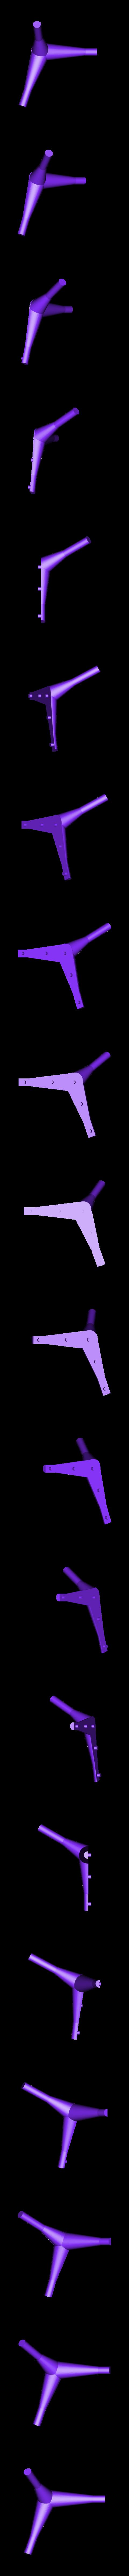 maus_stand_L.stl Télécharger fichier STL gratuit Bête sur pied • Design pour impression 3D, TeamTeamUSA